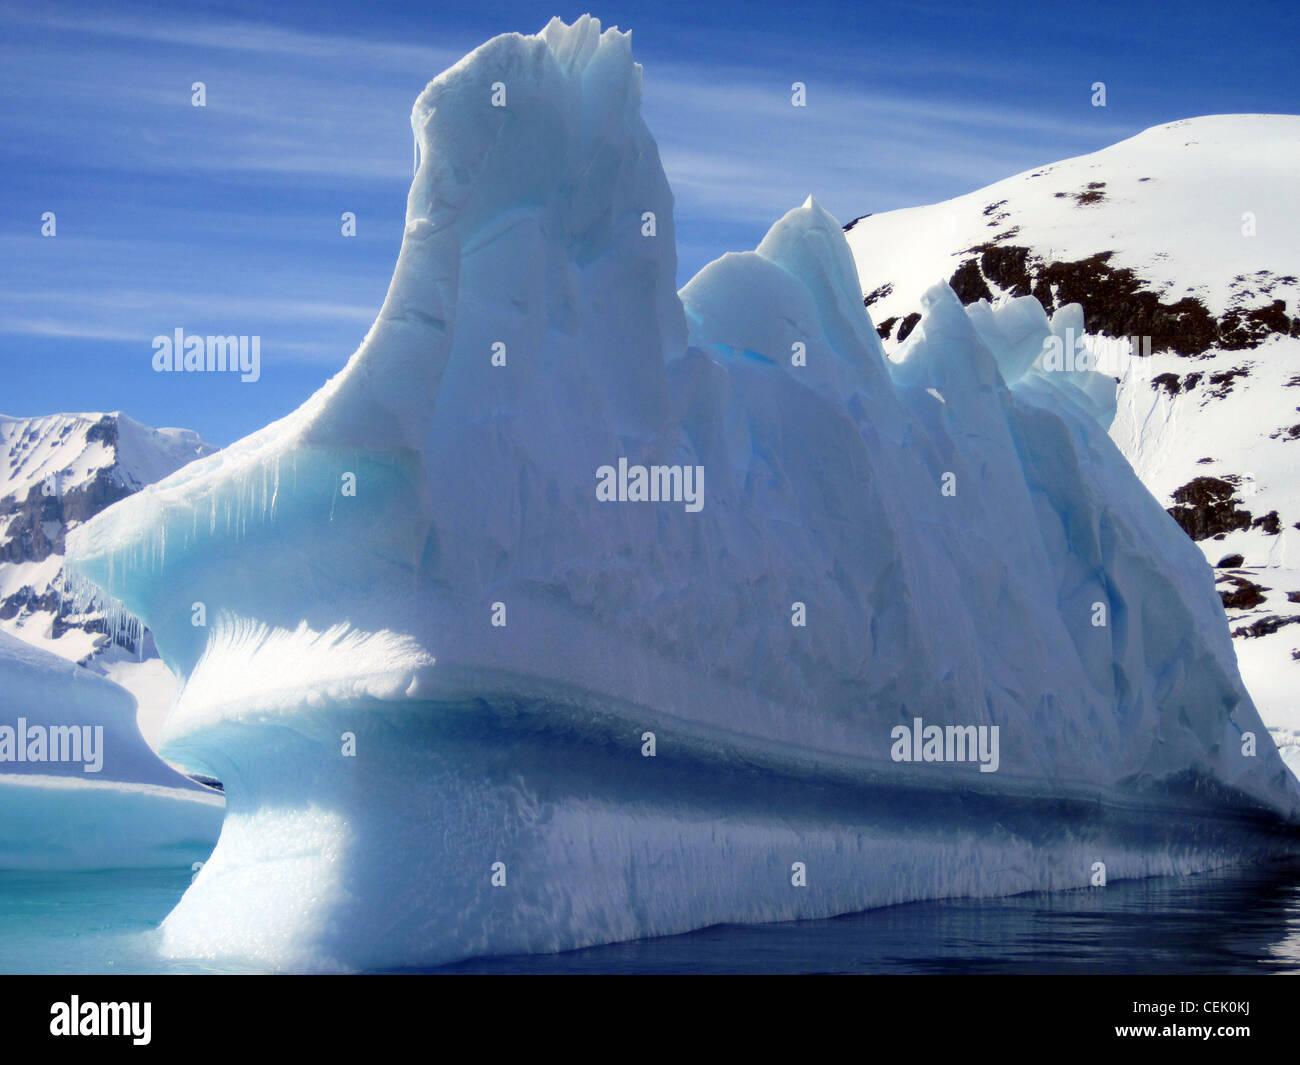 Iceberg in Antartide Immagini Stock